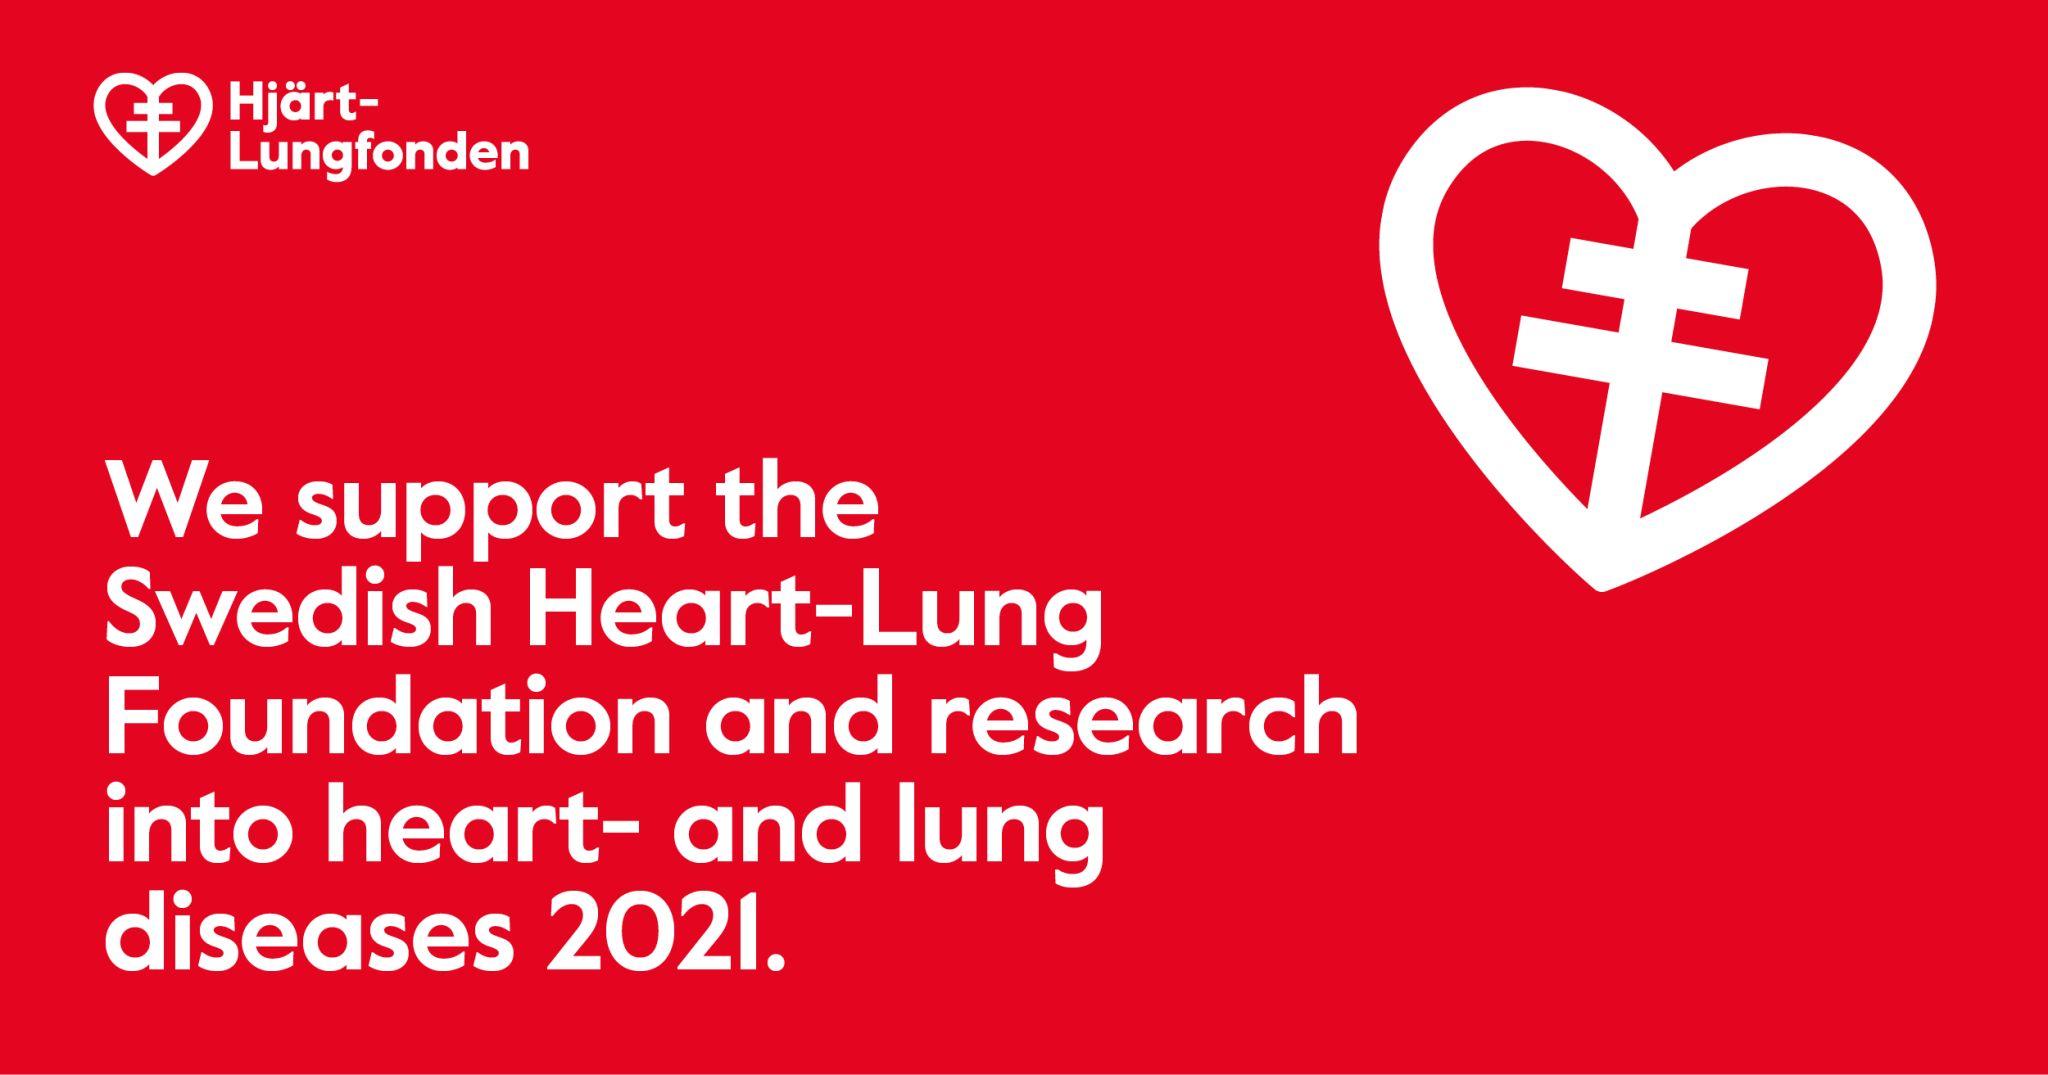 Hjärt och lungfonden